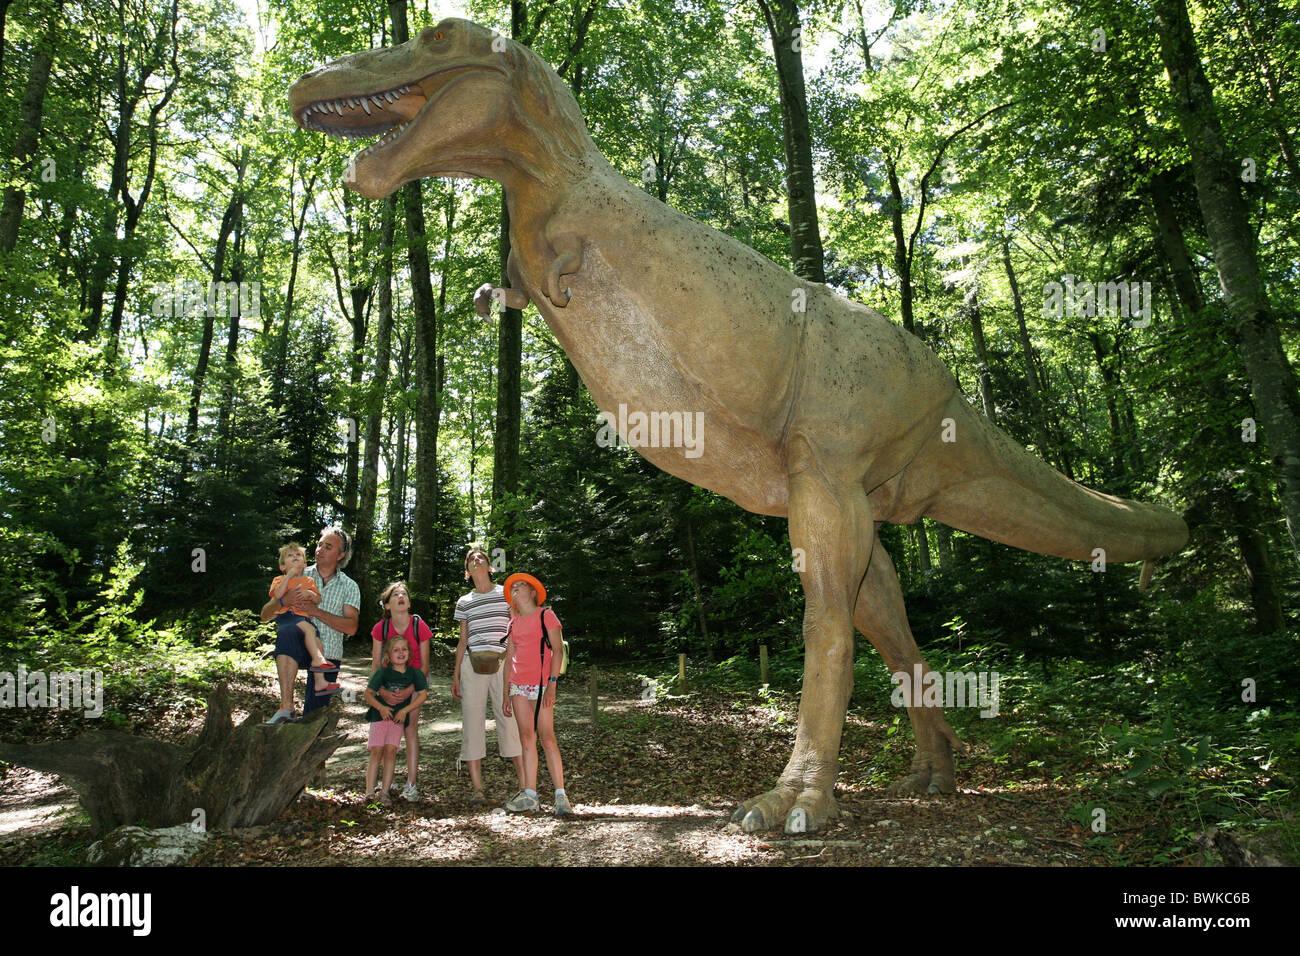 Les enfants du groupe familial parc préhistoriques dinosaures Reclere canton Jura Suisse Europe expérience excursion Banque D'Images